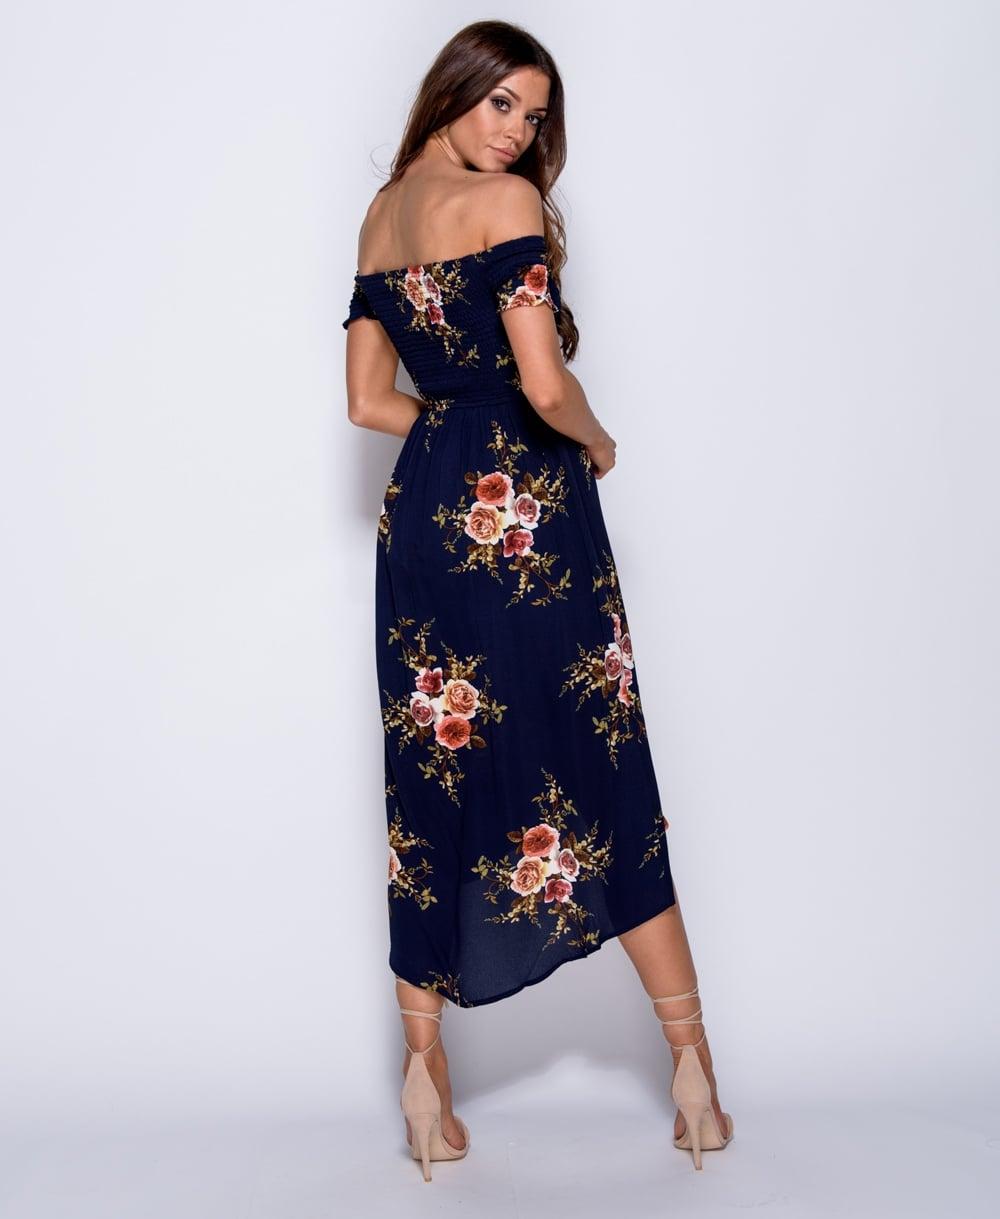 925f2e1b977d Γυναικείο bardot φόρεμα φλοράλ ασύμμετρο